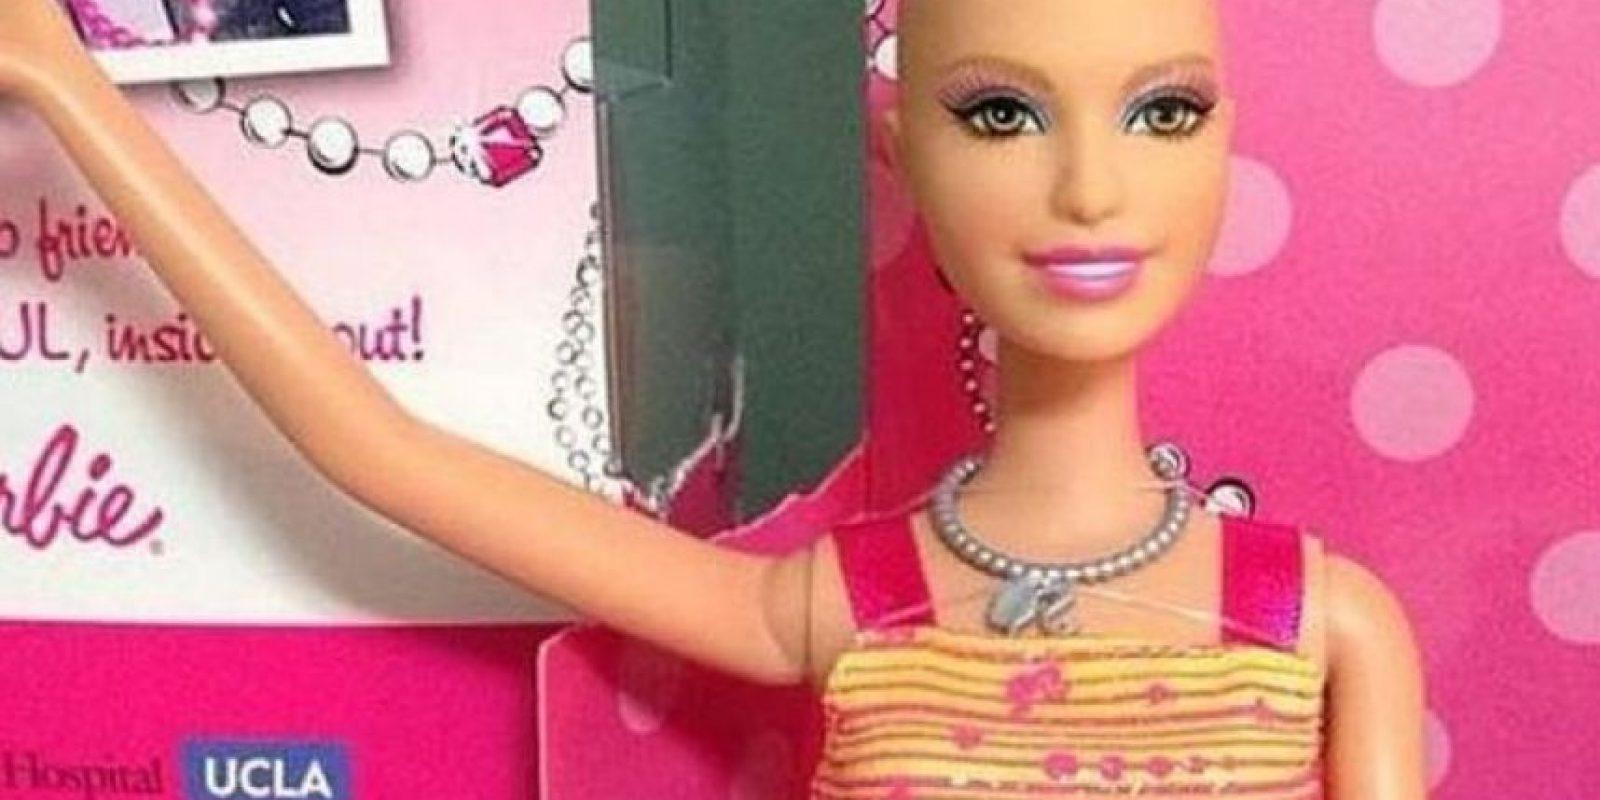 """Mattel sacó la línea especial """"Ella"""", una Barbie calva por los efectos de la quimioterapia. Así representaba a las niñas con cáncer y les daba motivación para ver su propia belleza. Foto:Ella/Facebook"""